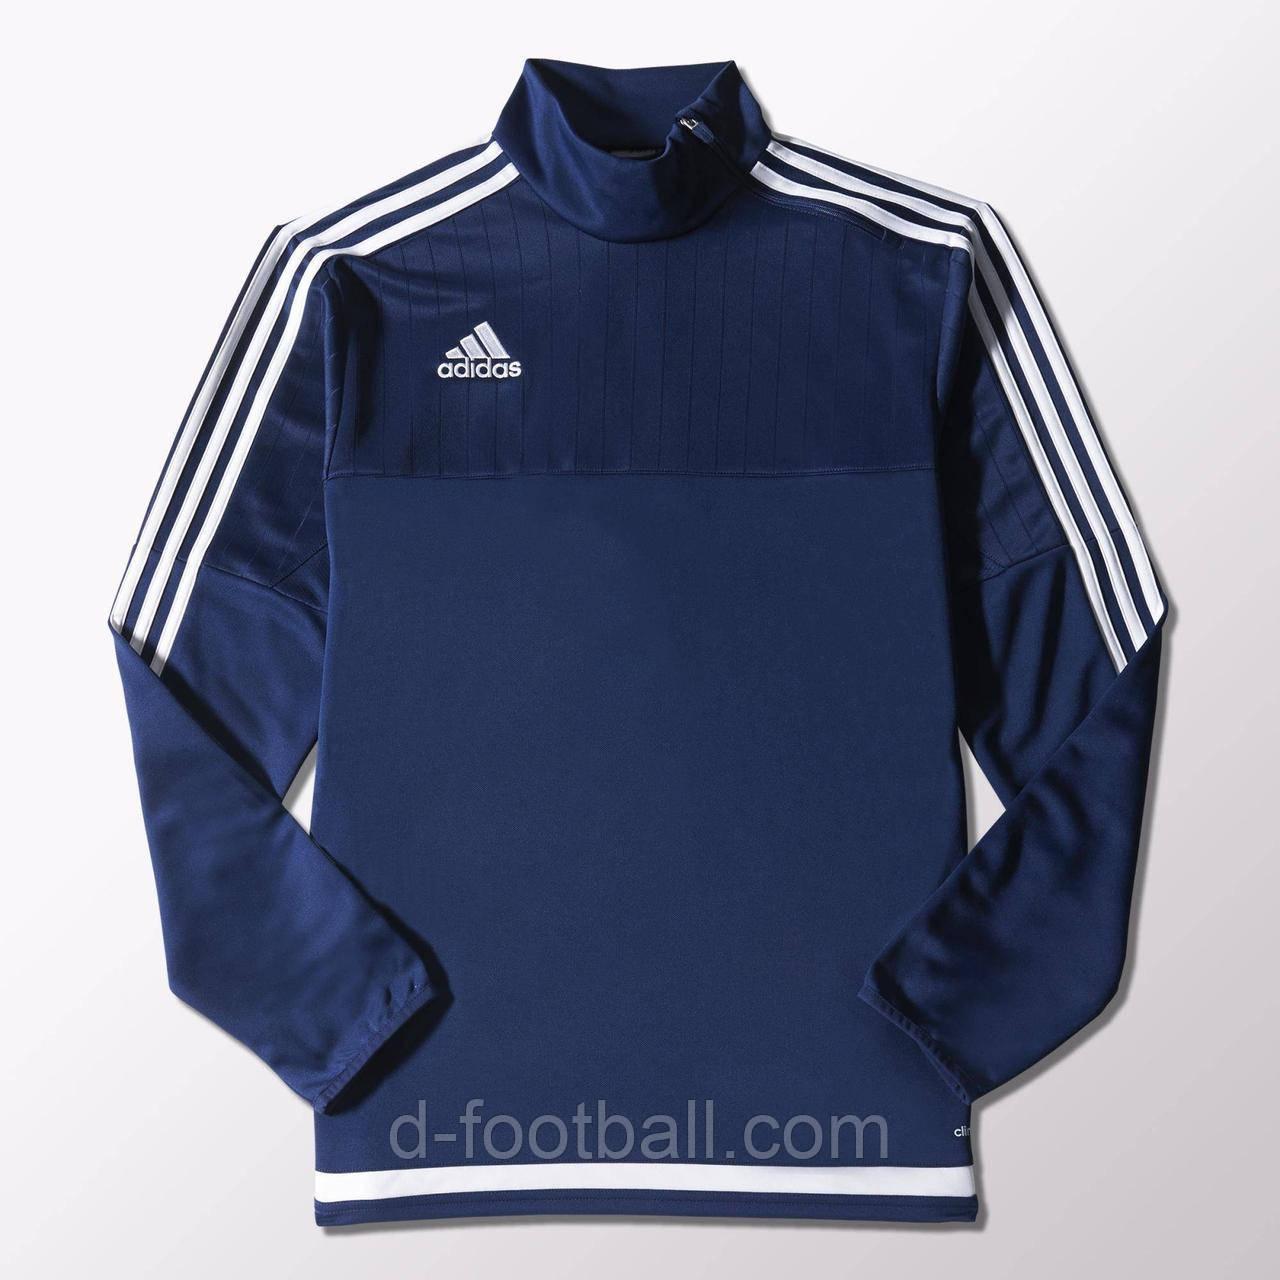 19e5ed24655 Джемпер спортивный тренировочный Adidas TIRO15 TRG TOP S22337 SR ...